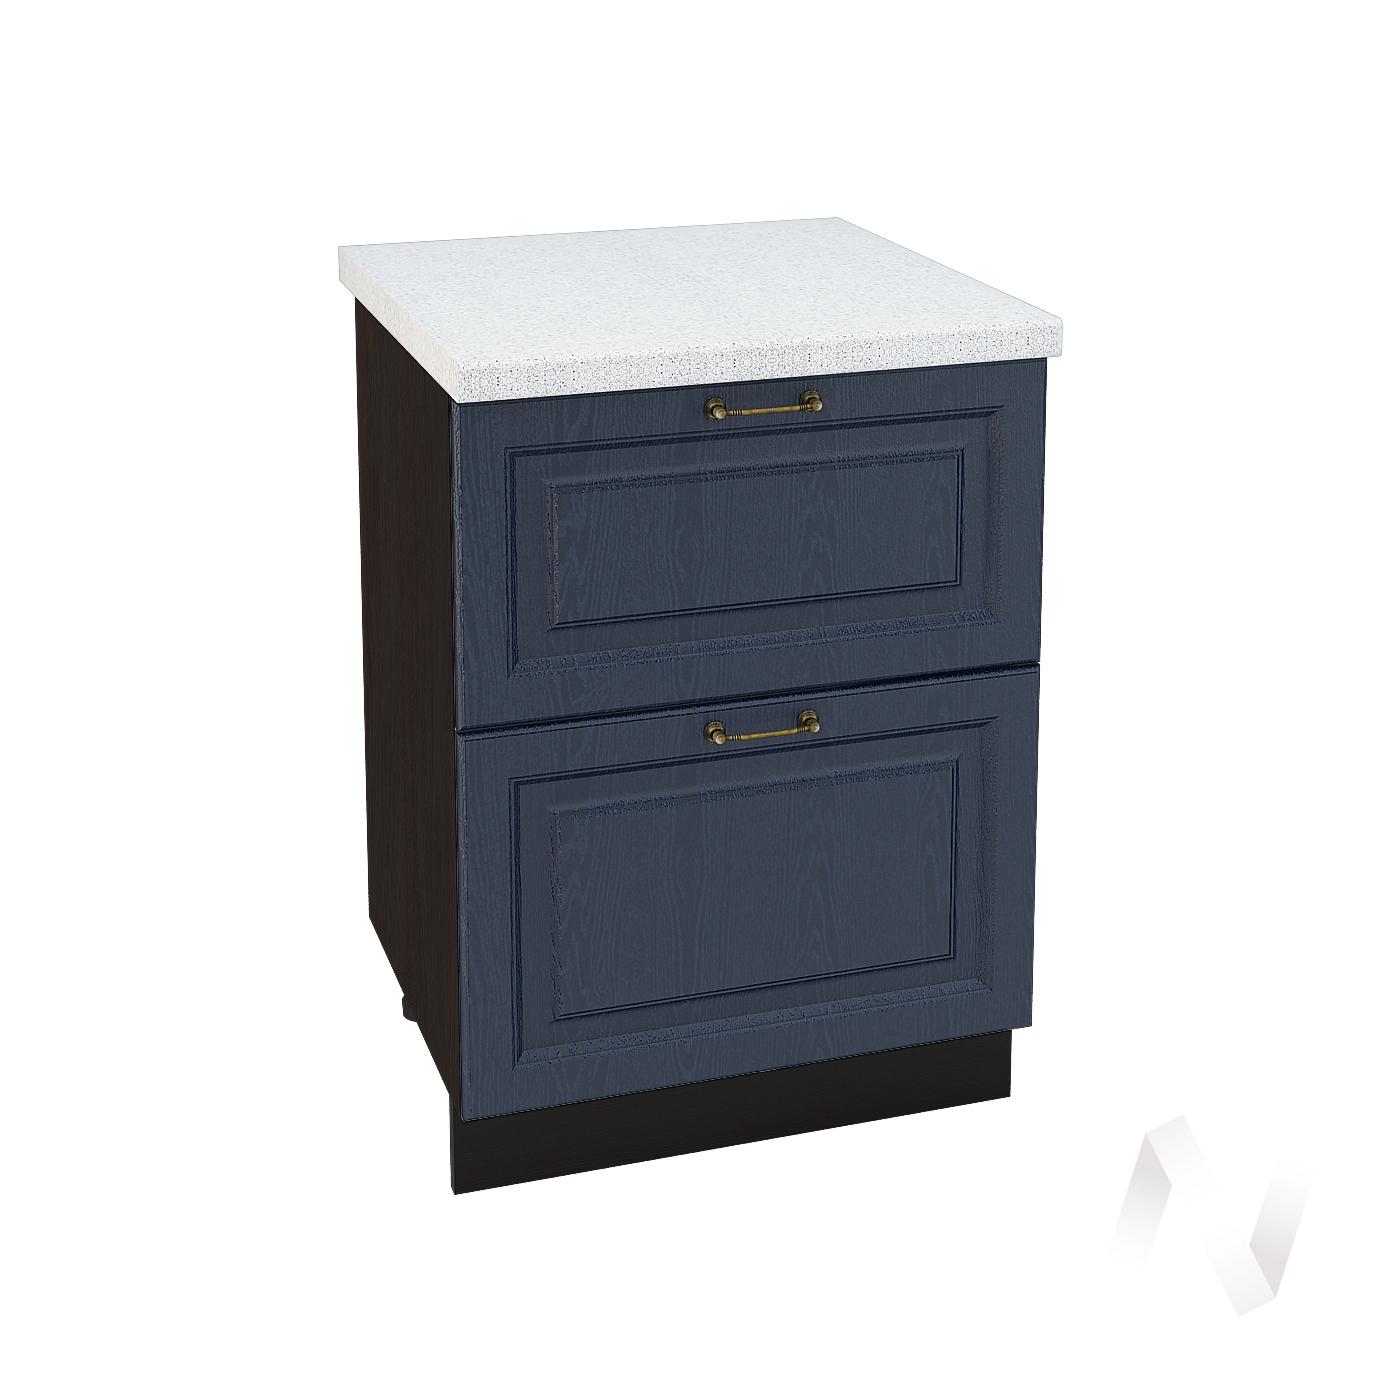 """Кухня """"Ницца"""": Шкаф нижний с 2-мя ящиками 600, ШН2Я 600 (Дуб чернильный/корпус венге)"""